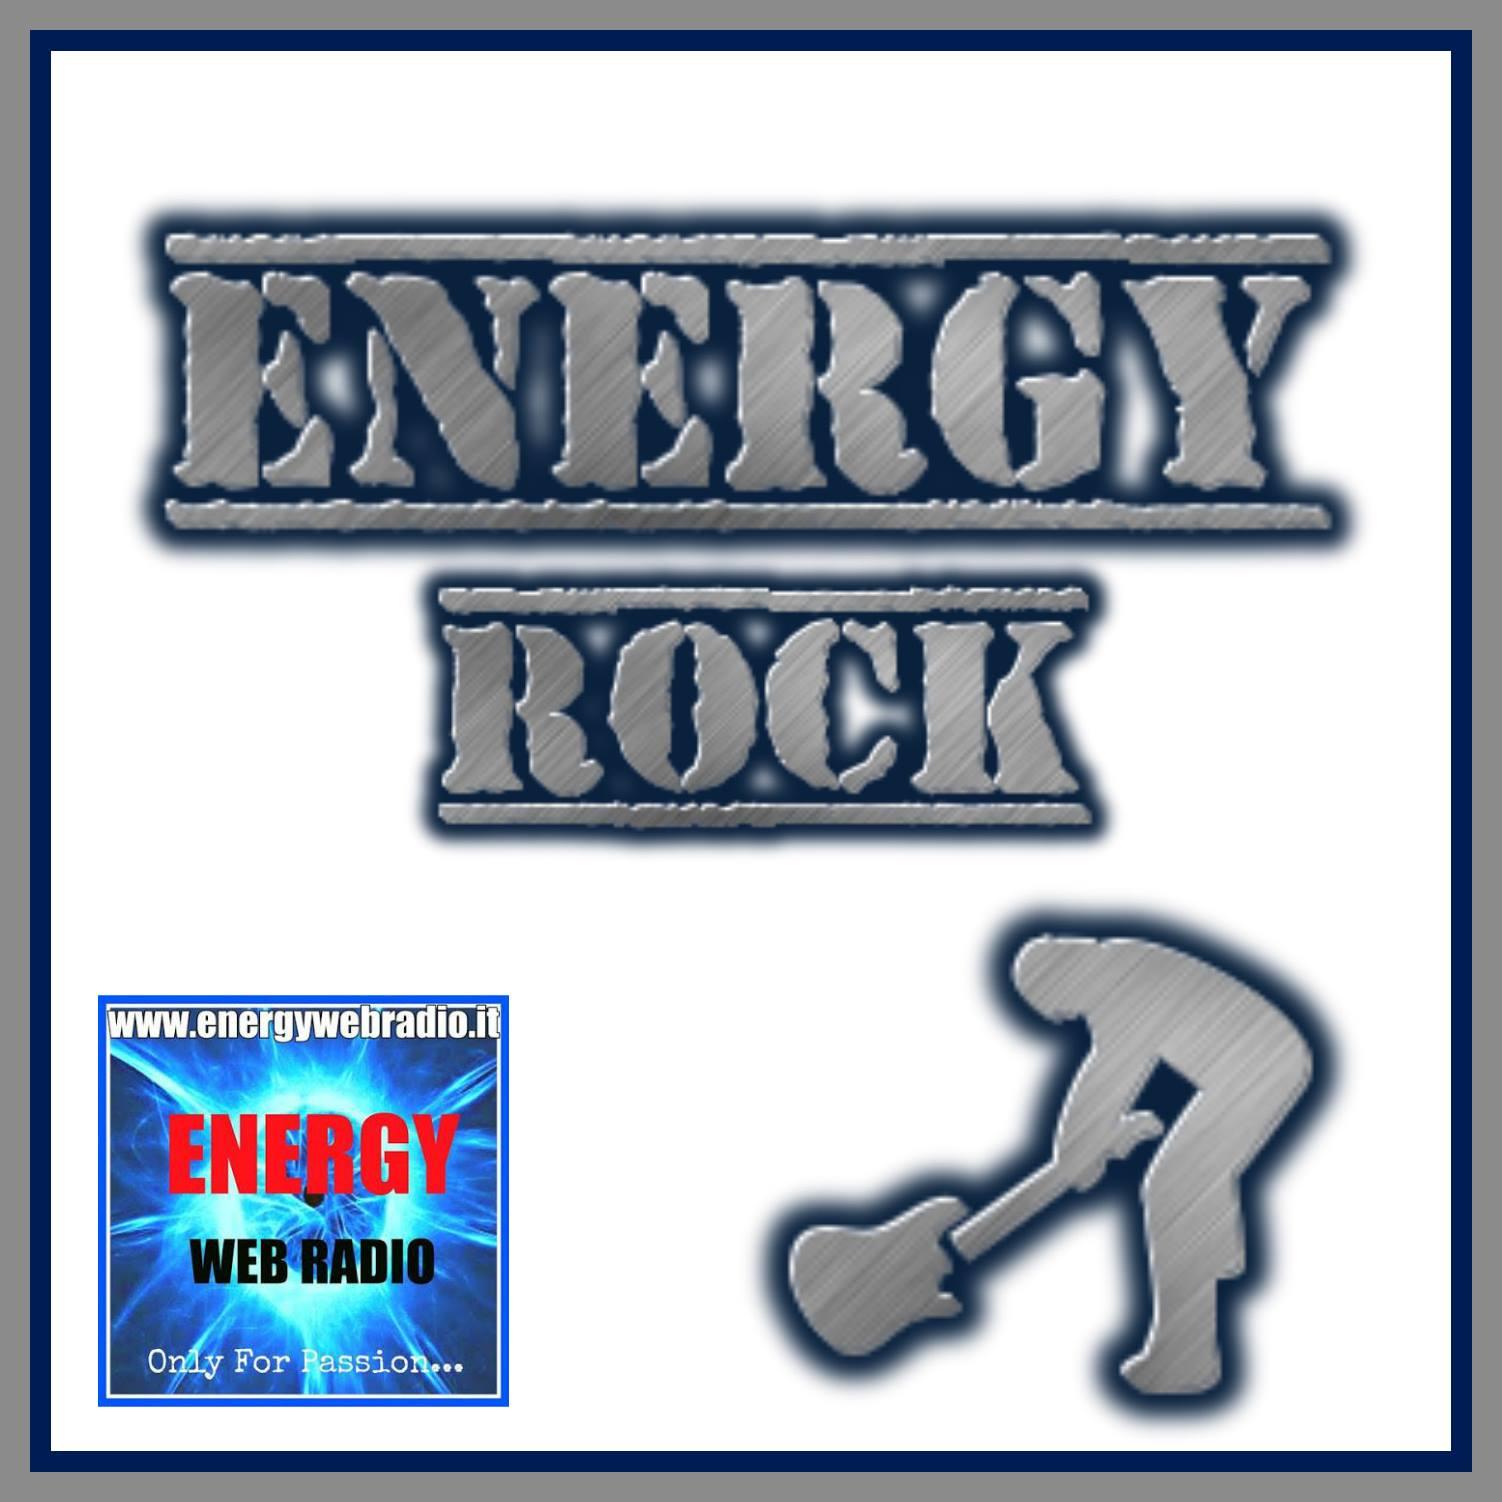 Rock channel energy